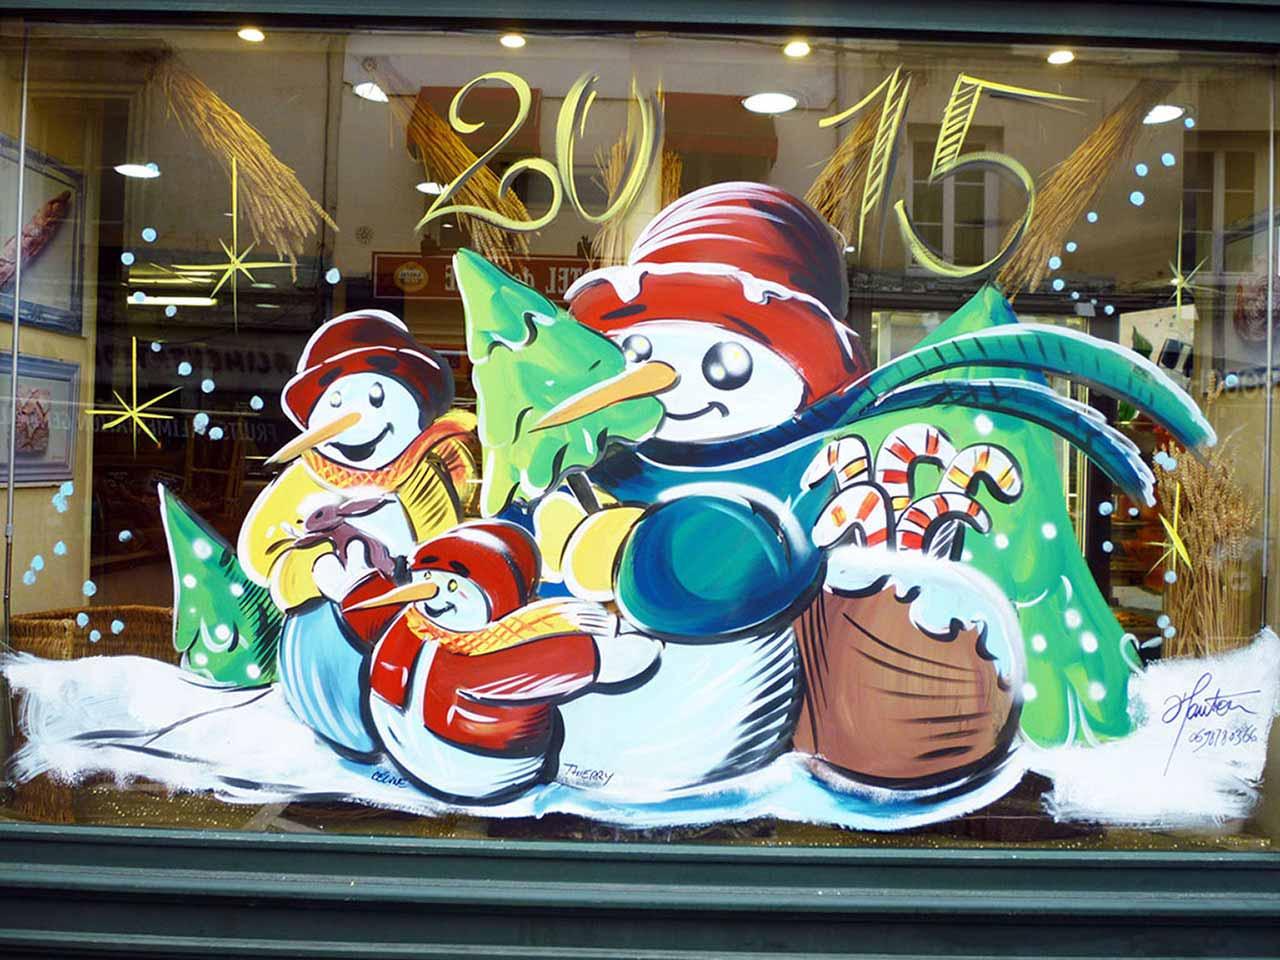 Vitrine no l 12 peinture for Decoration fenetre noel peinture